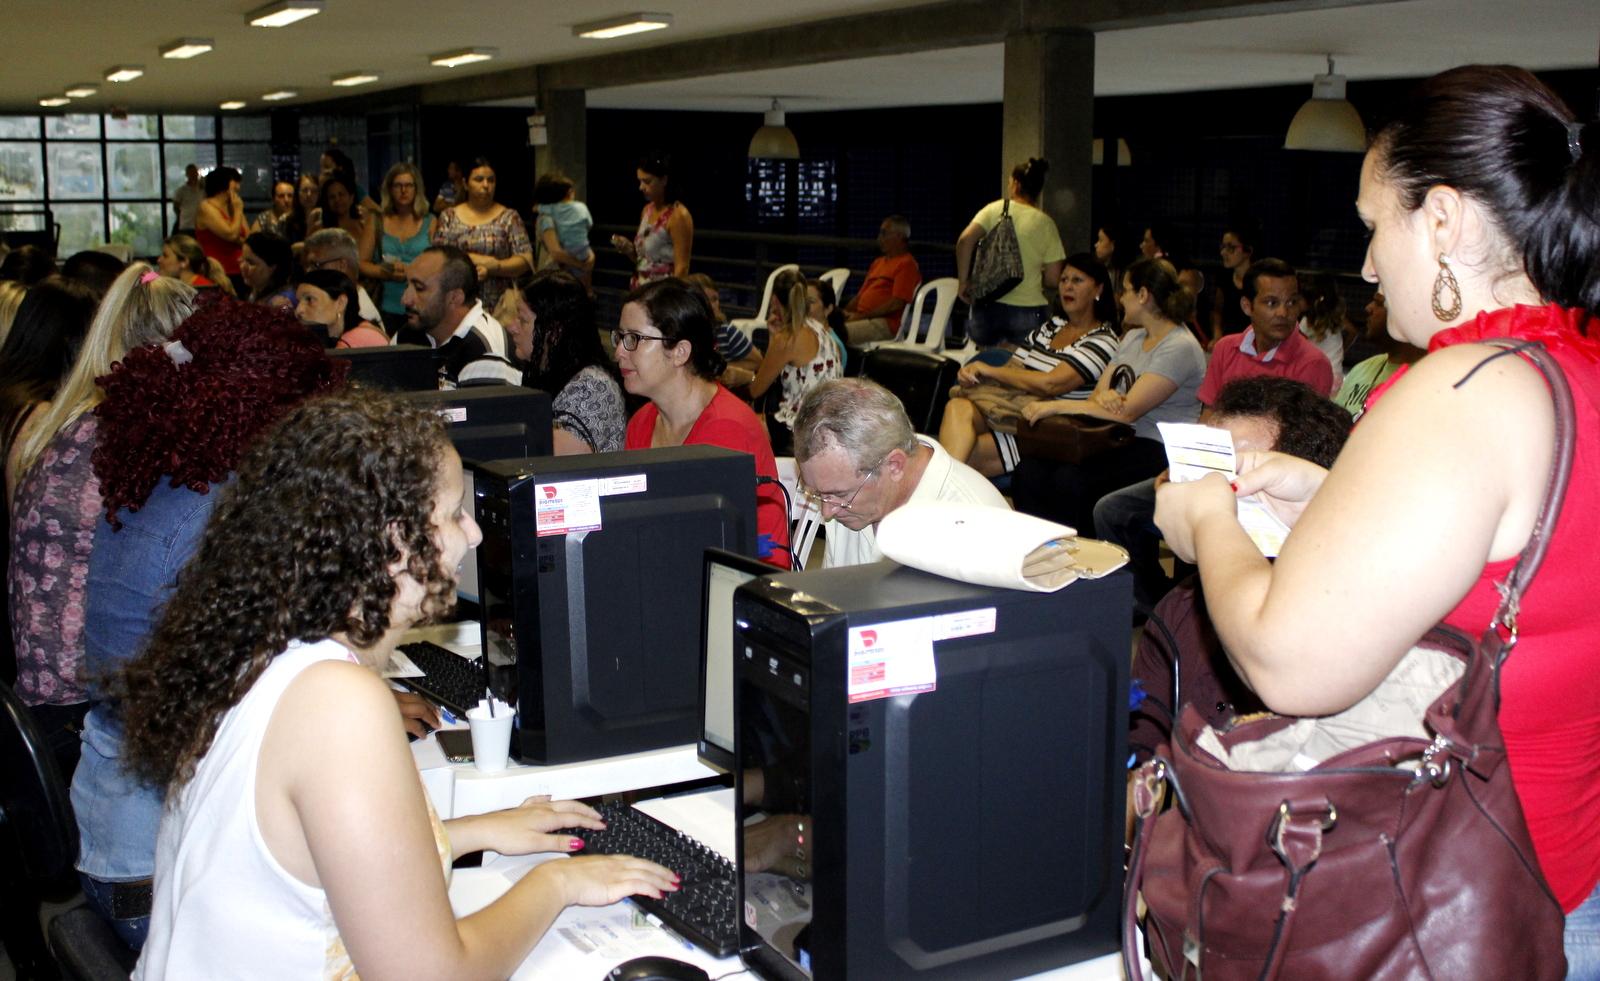 Prefeitura Municipal de Criciúma - Prefeitura de Criciúma encerra recadastramento dos servidores